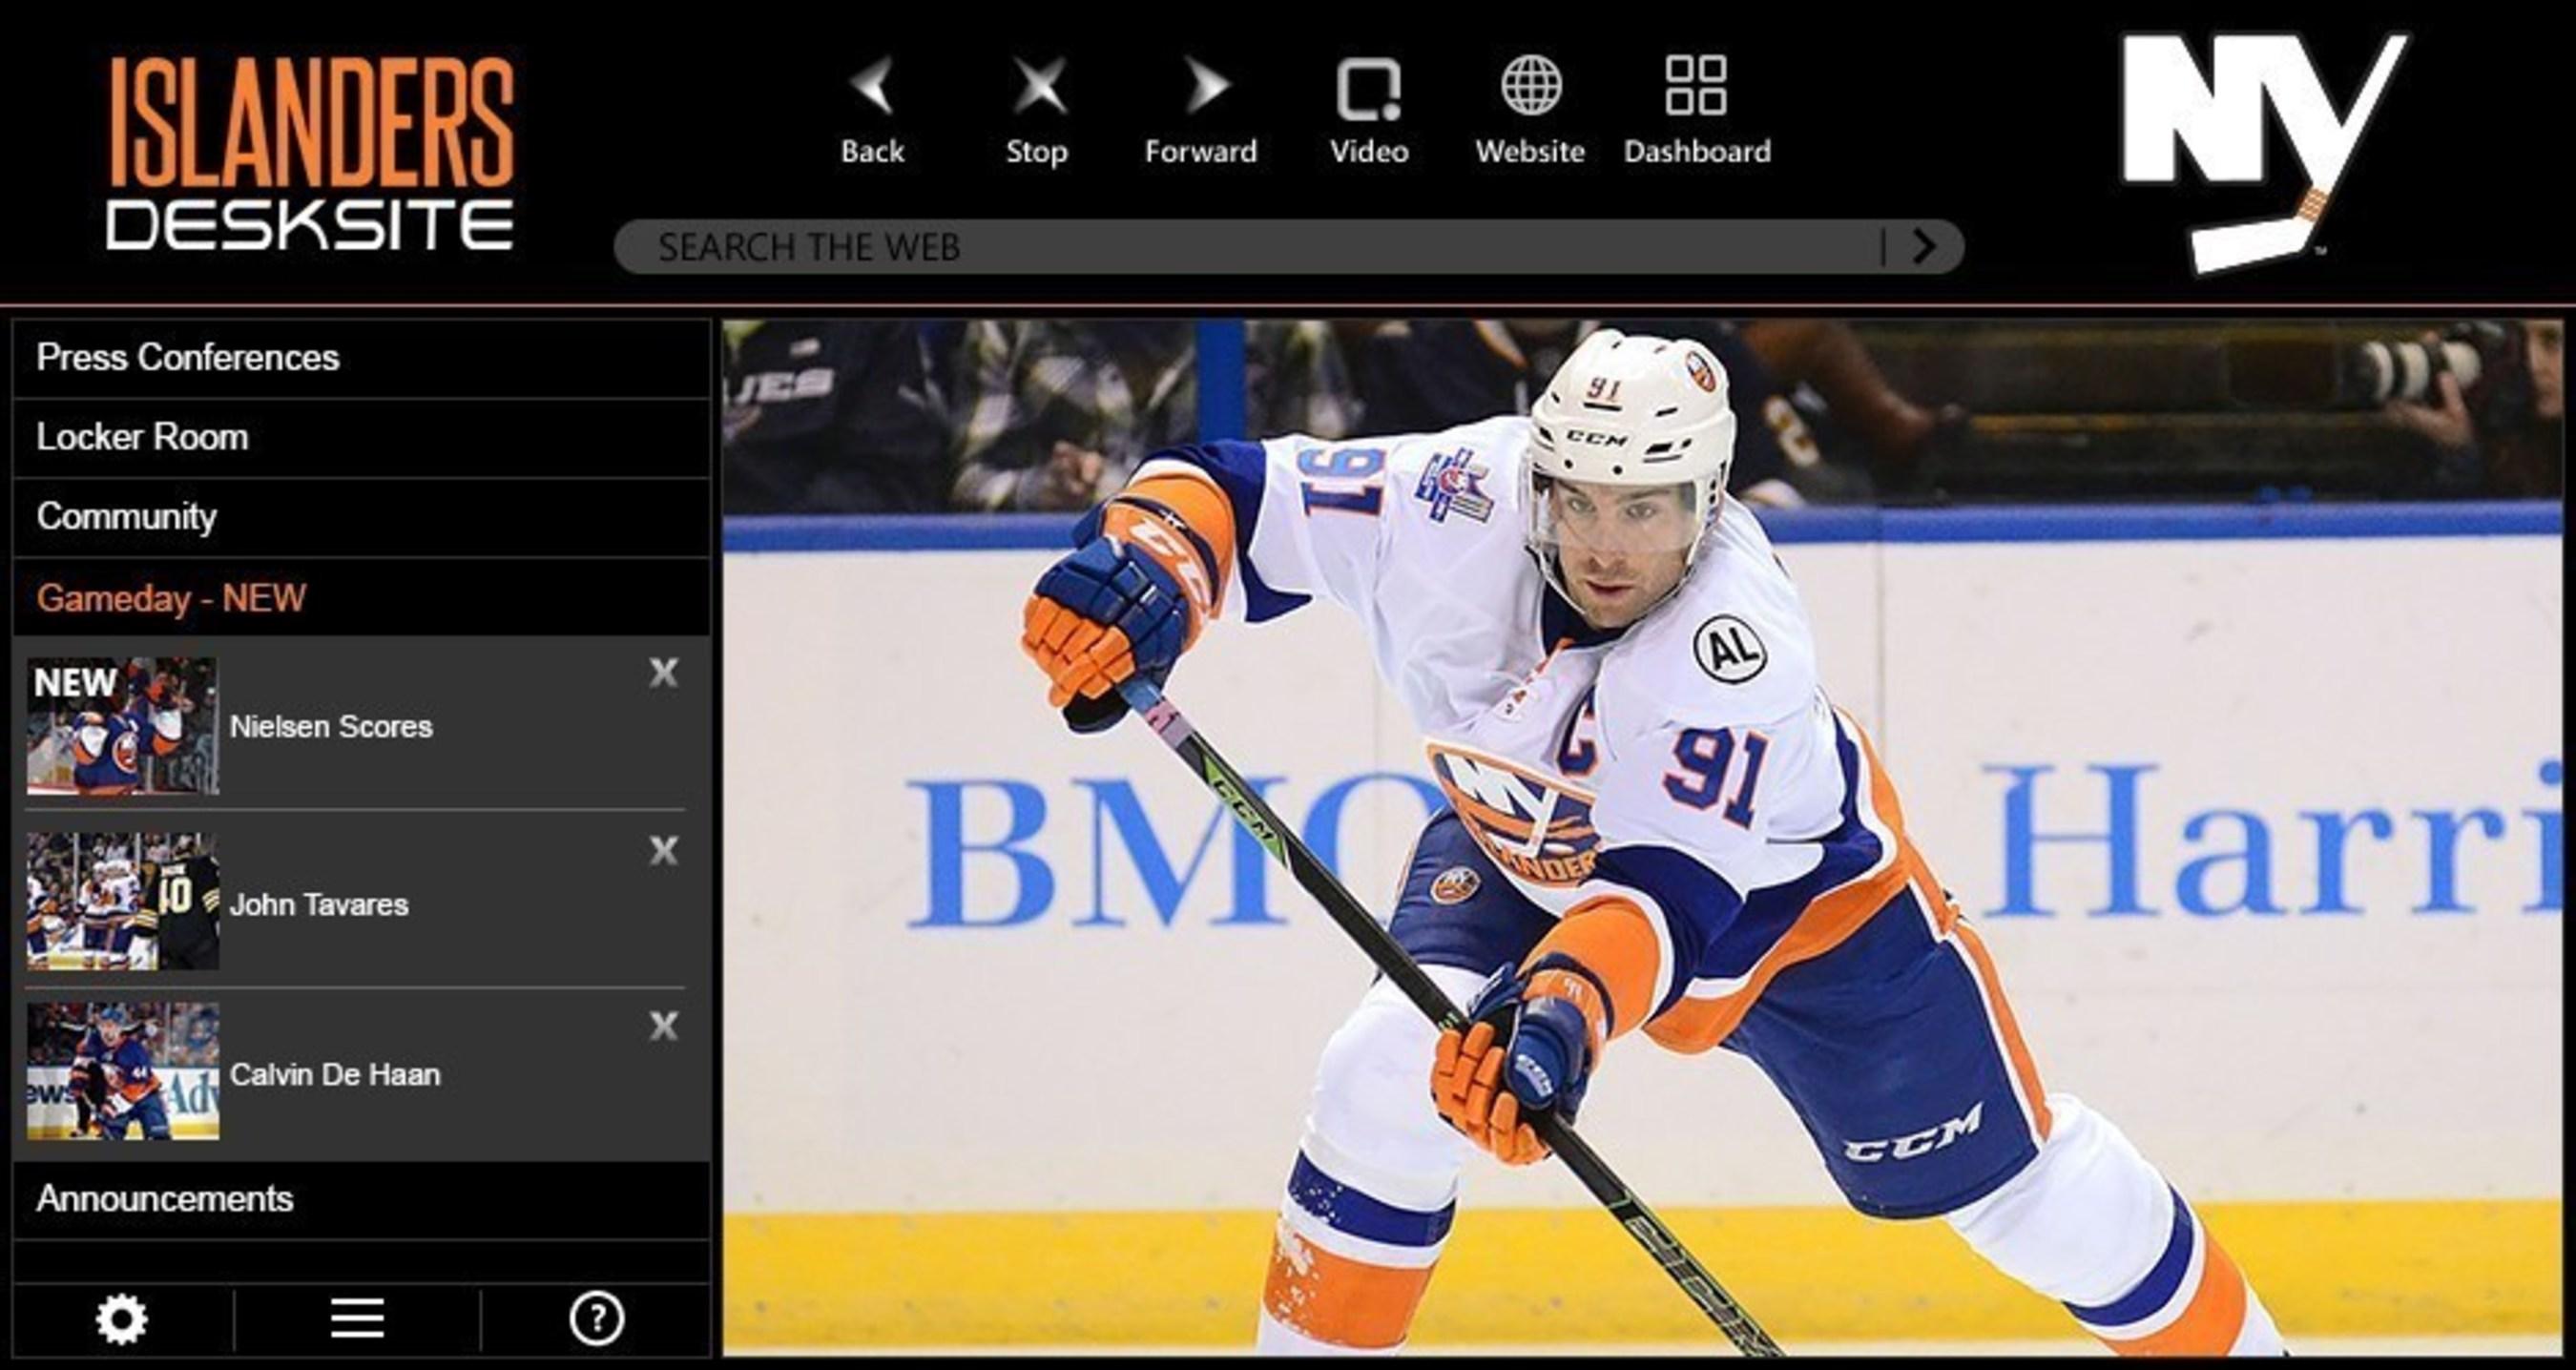 New York Islanders Launch New Video App With DeskSite